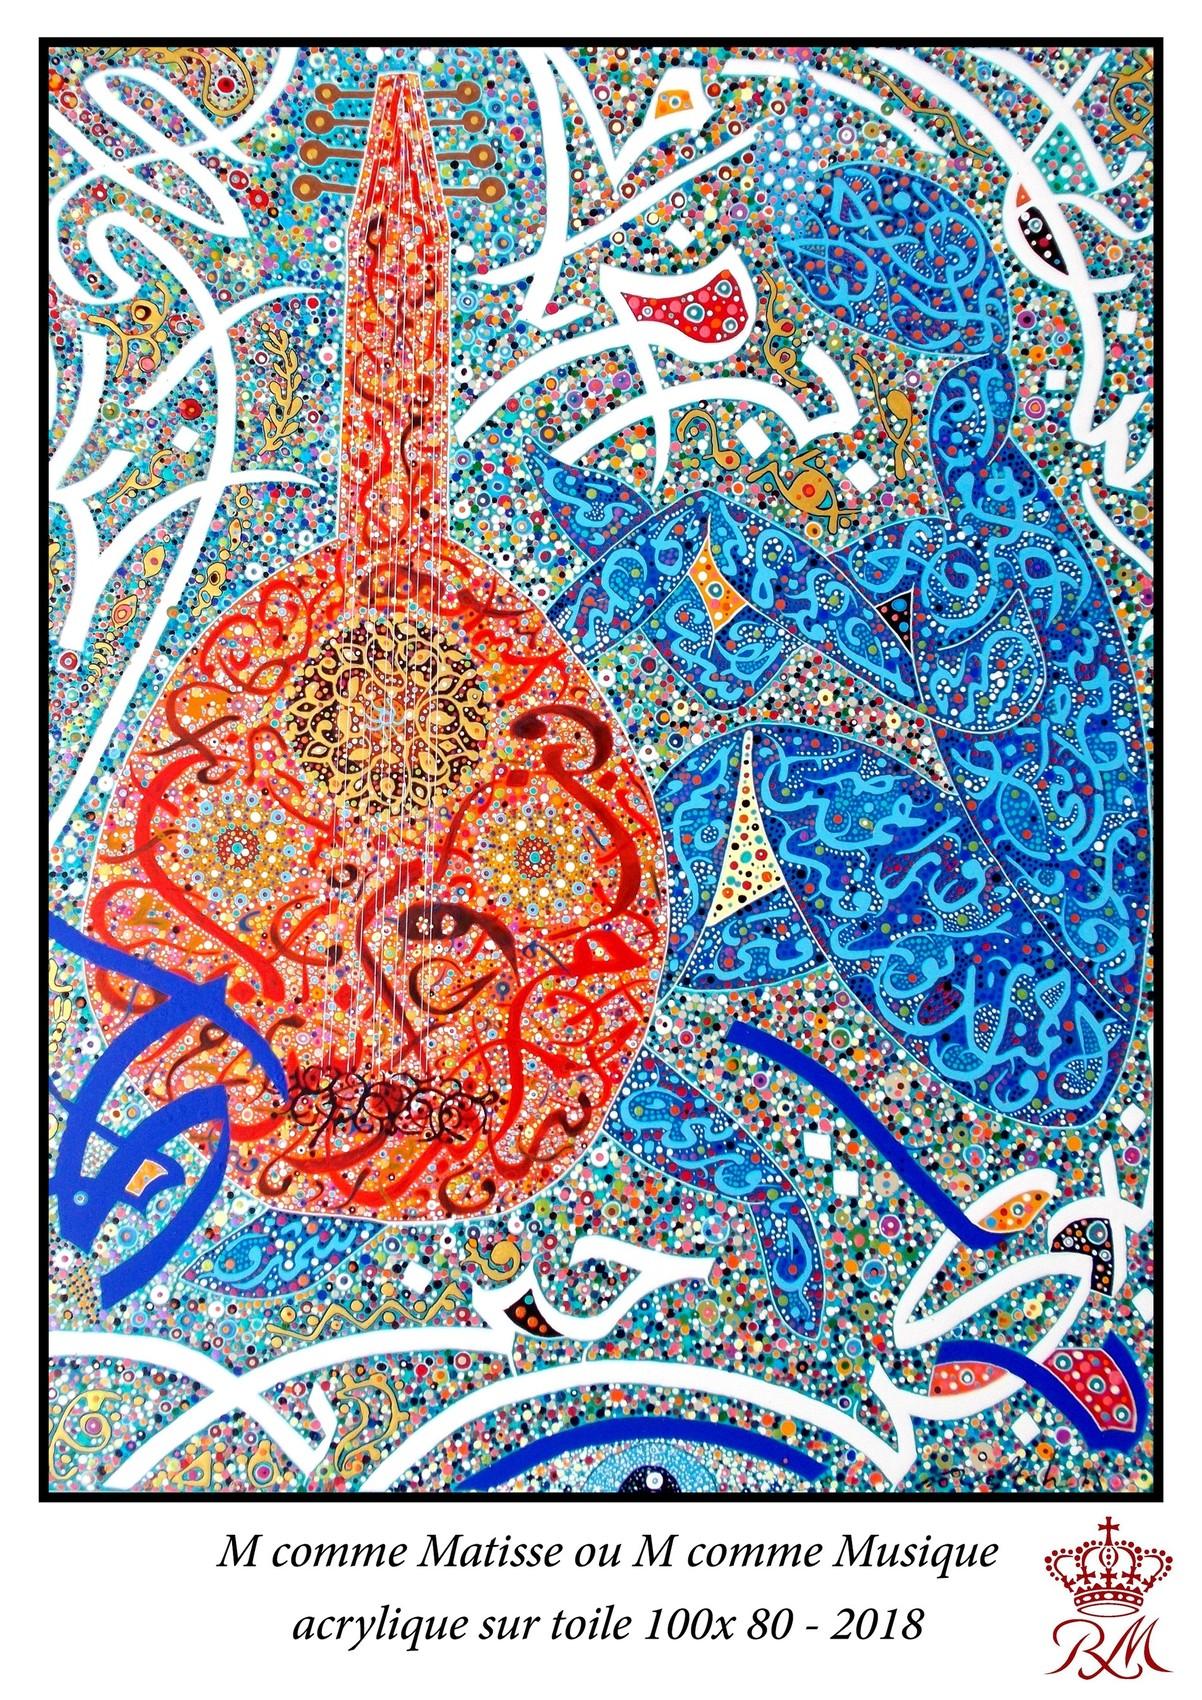 M comme Matisse ou M comme Musique